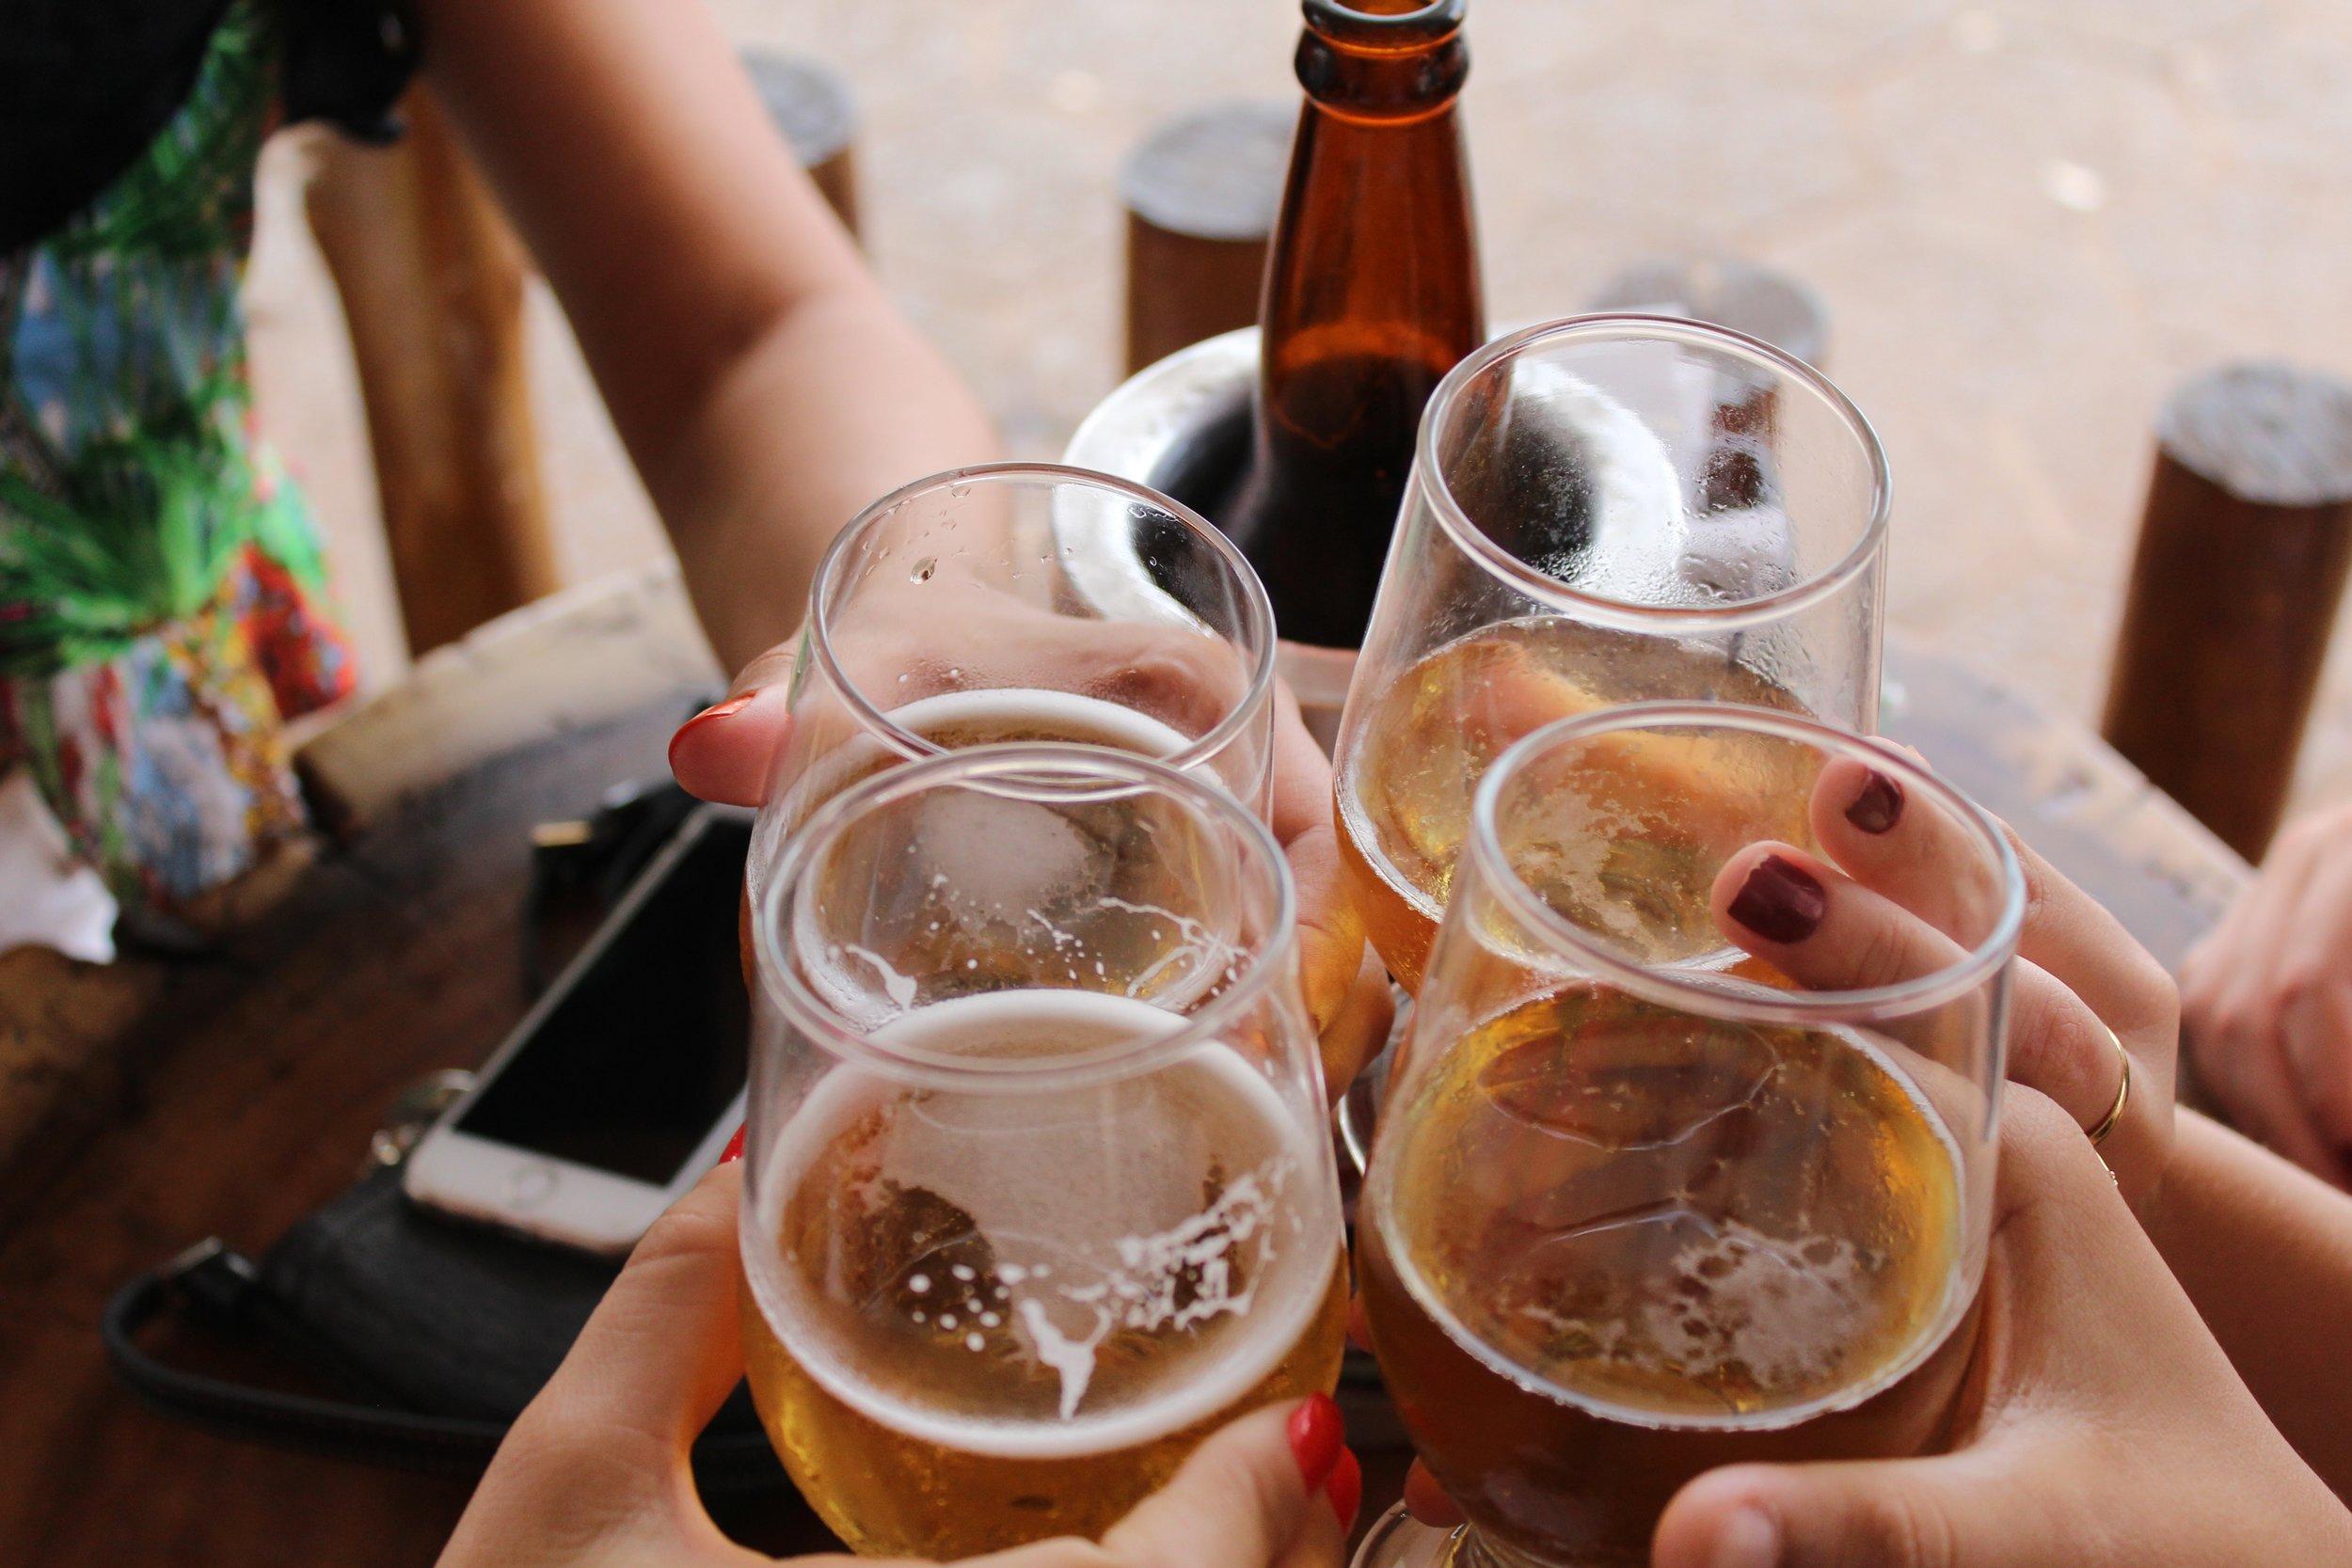 cheer-y-beer-y